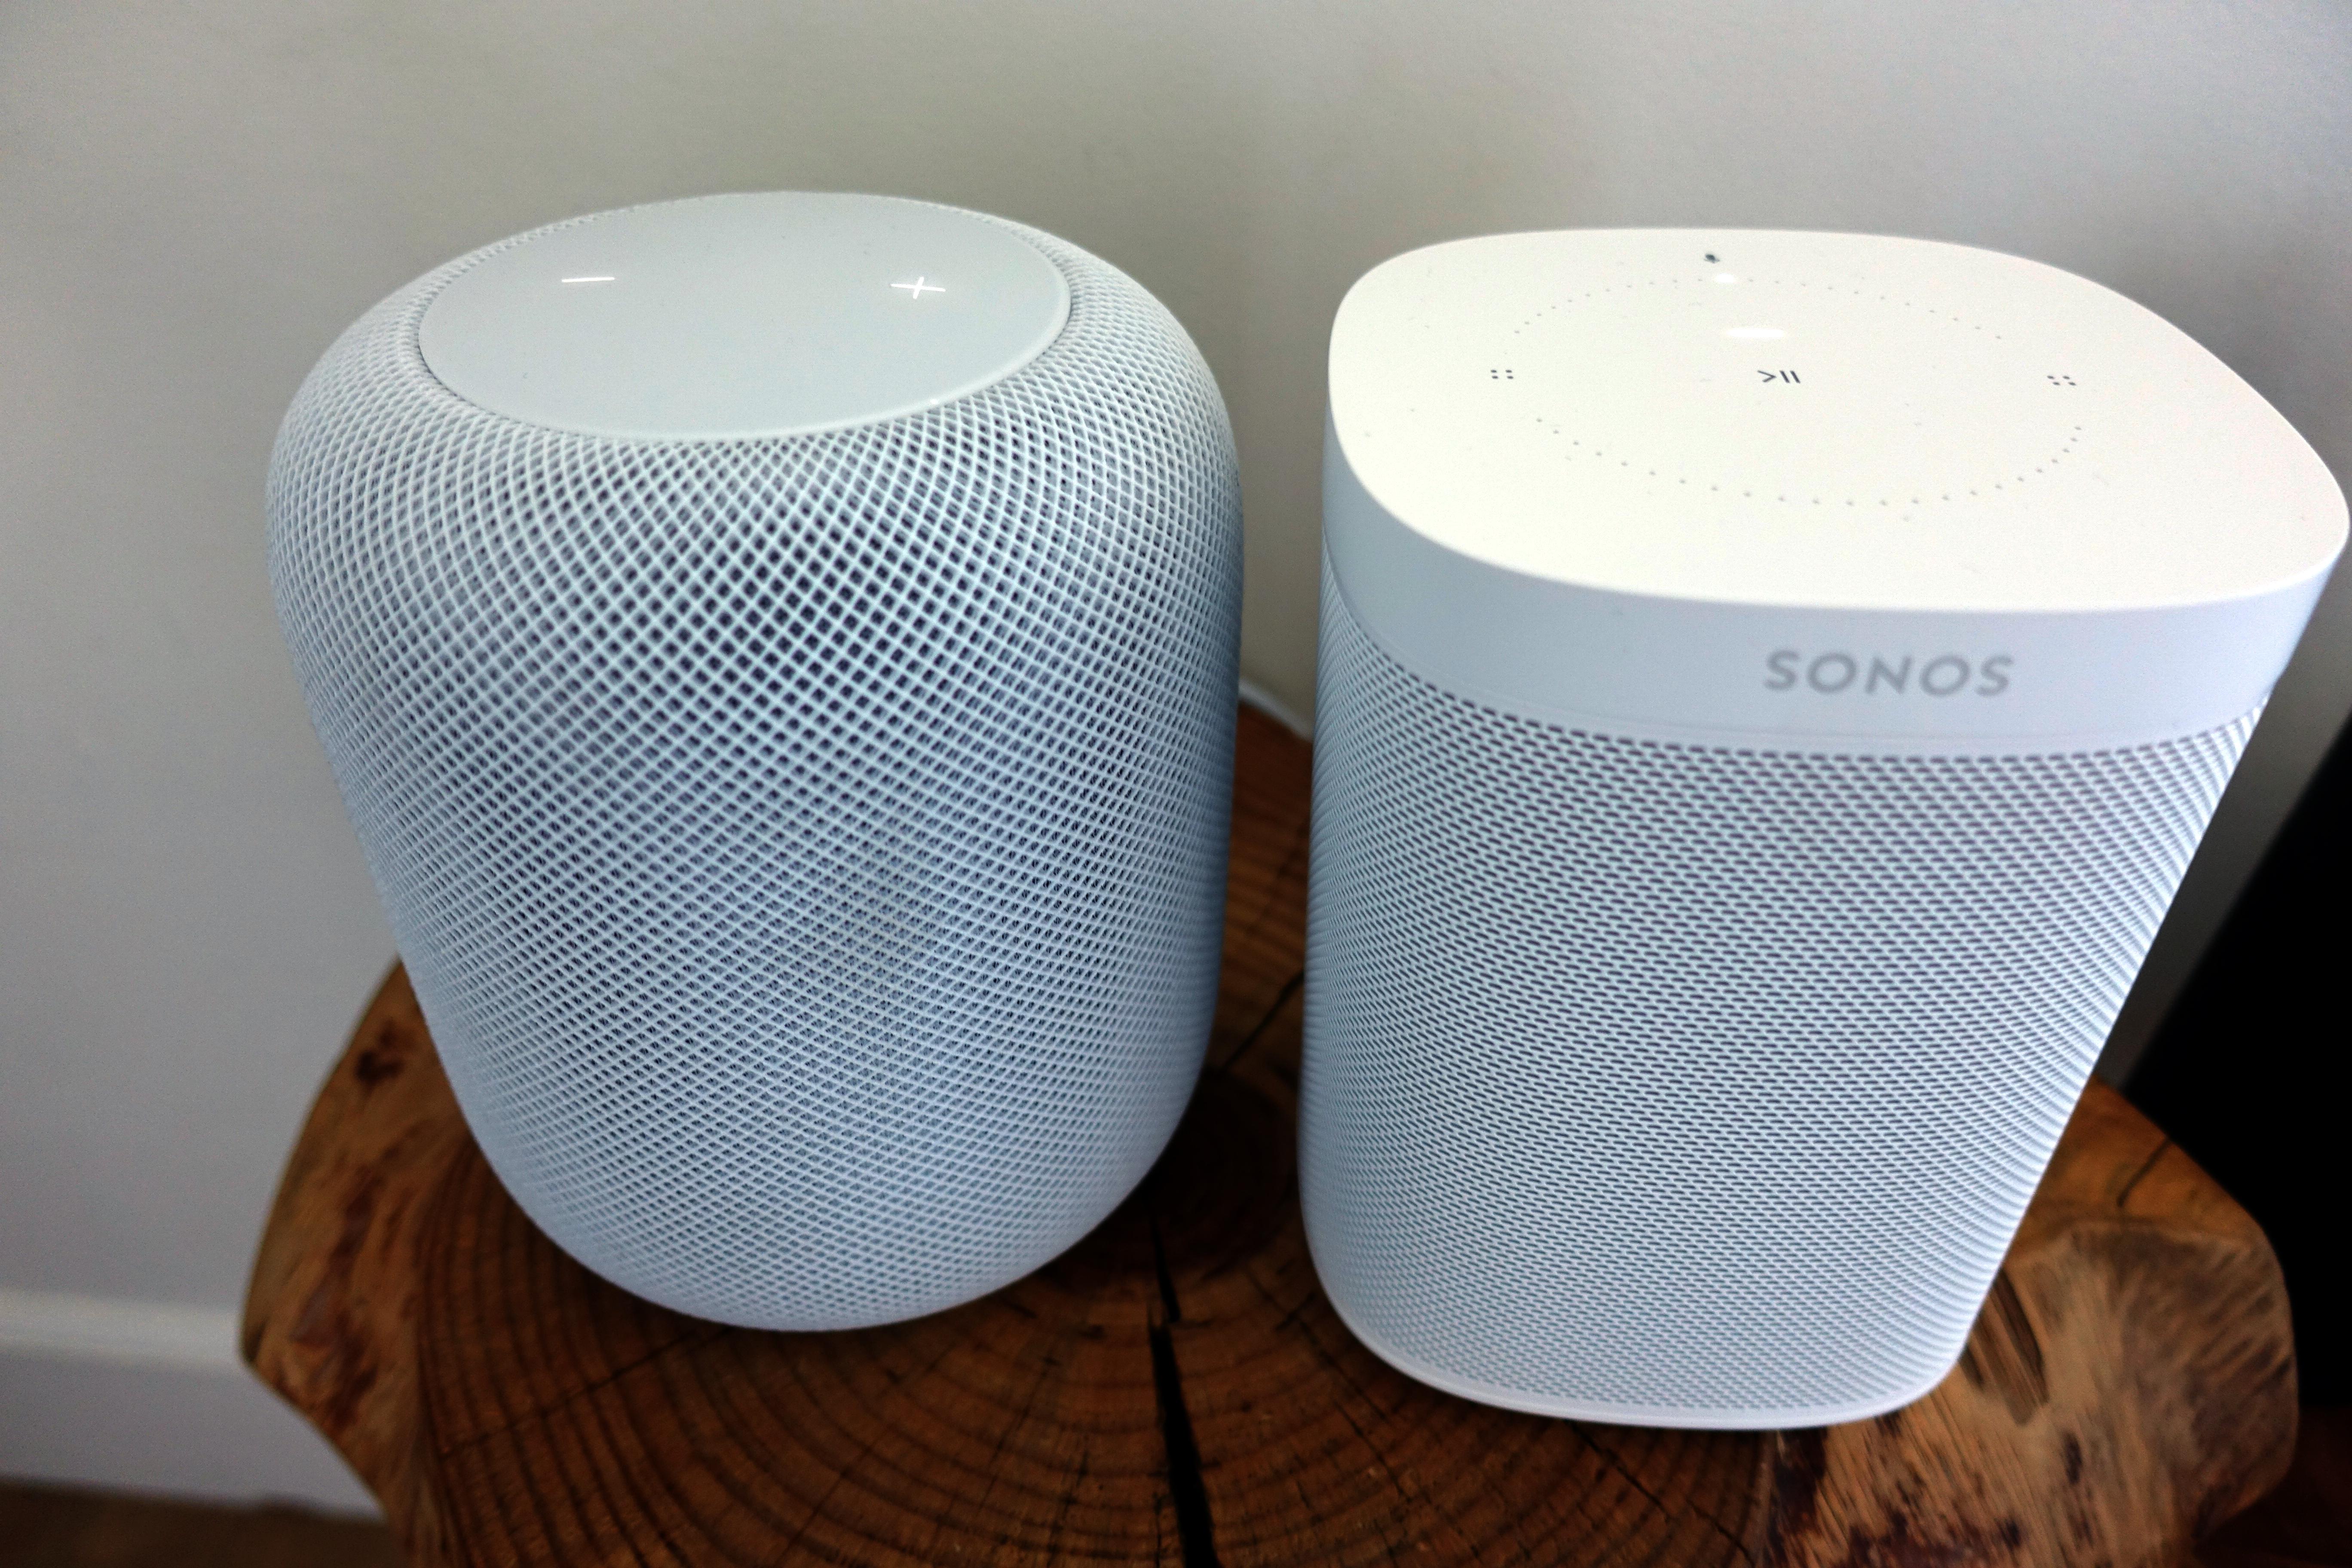 Sonos One og Apple HomePod. Sonos One koster 2000 kroner i Norge. HomePod er ikke lansert her hjemme, men koster 3000 kroner i USA.